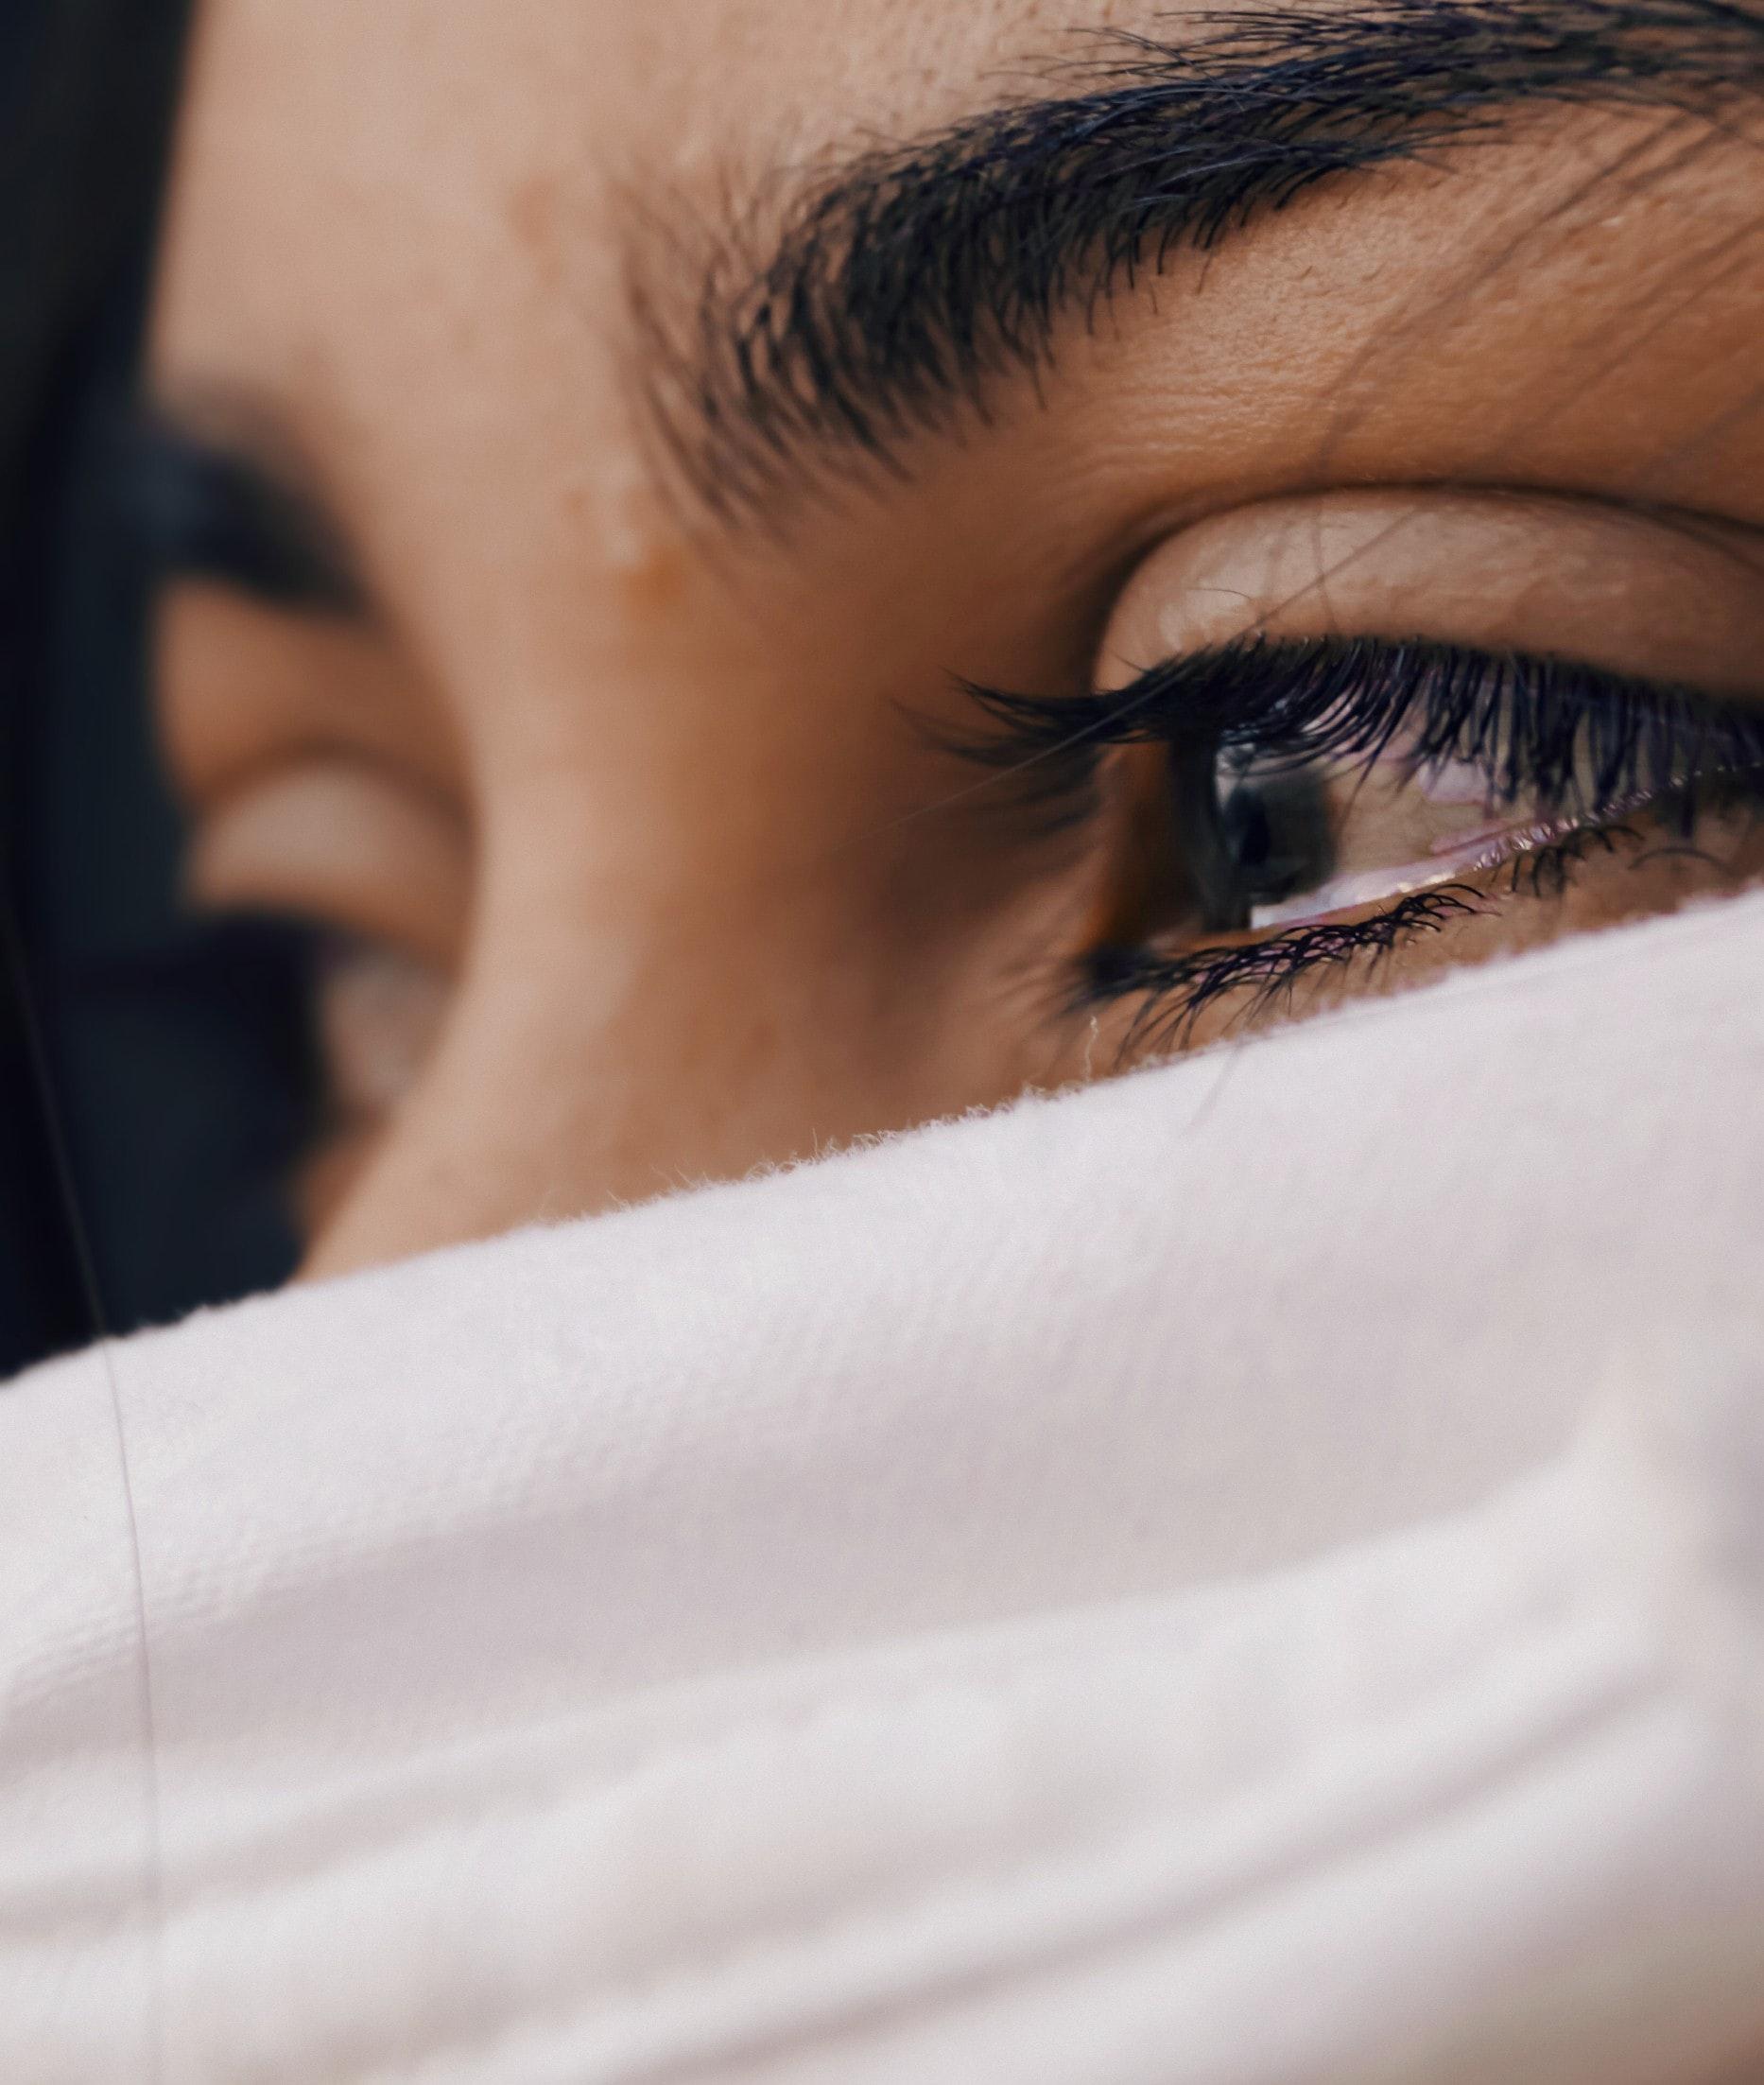 बेरोजगारी और वेतन में कटौती से जूझ रहे प्रवासी भारतीय, वैवाहिक जीवन तक खतरे में